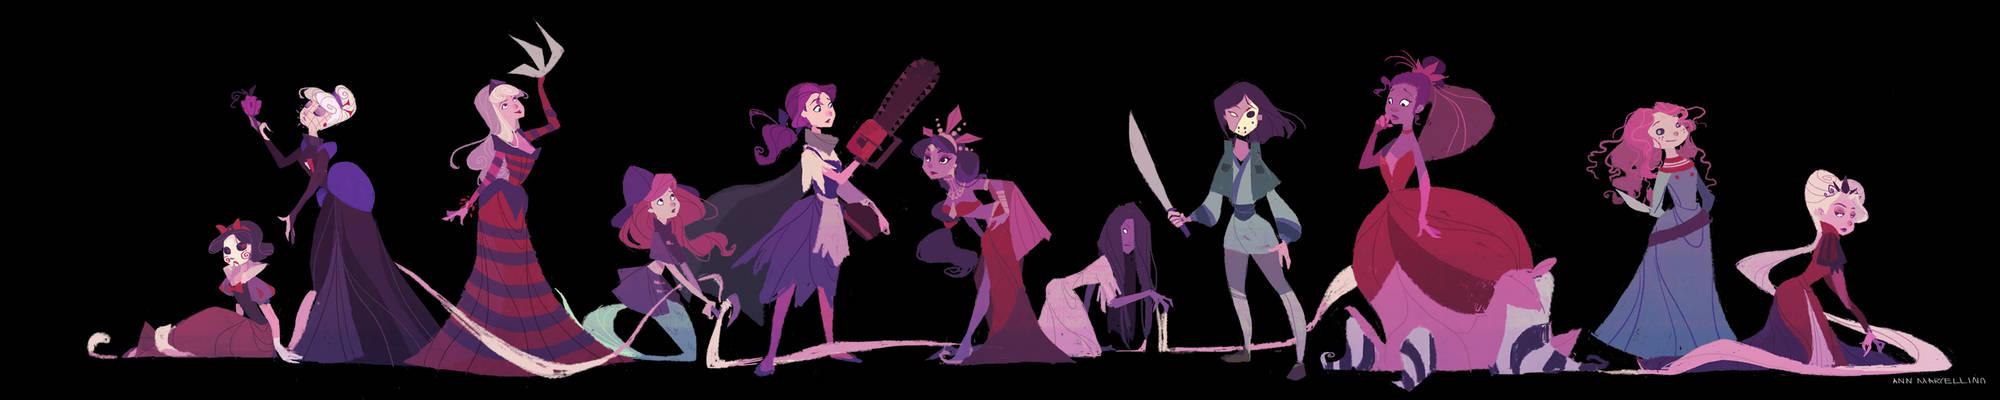 Horror Princess